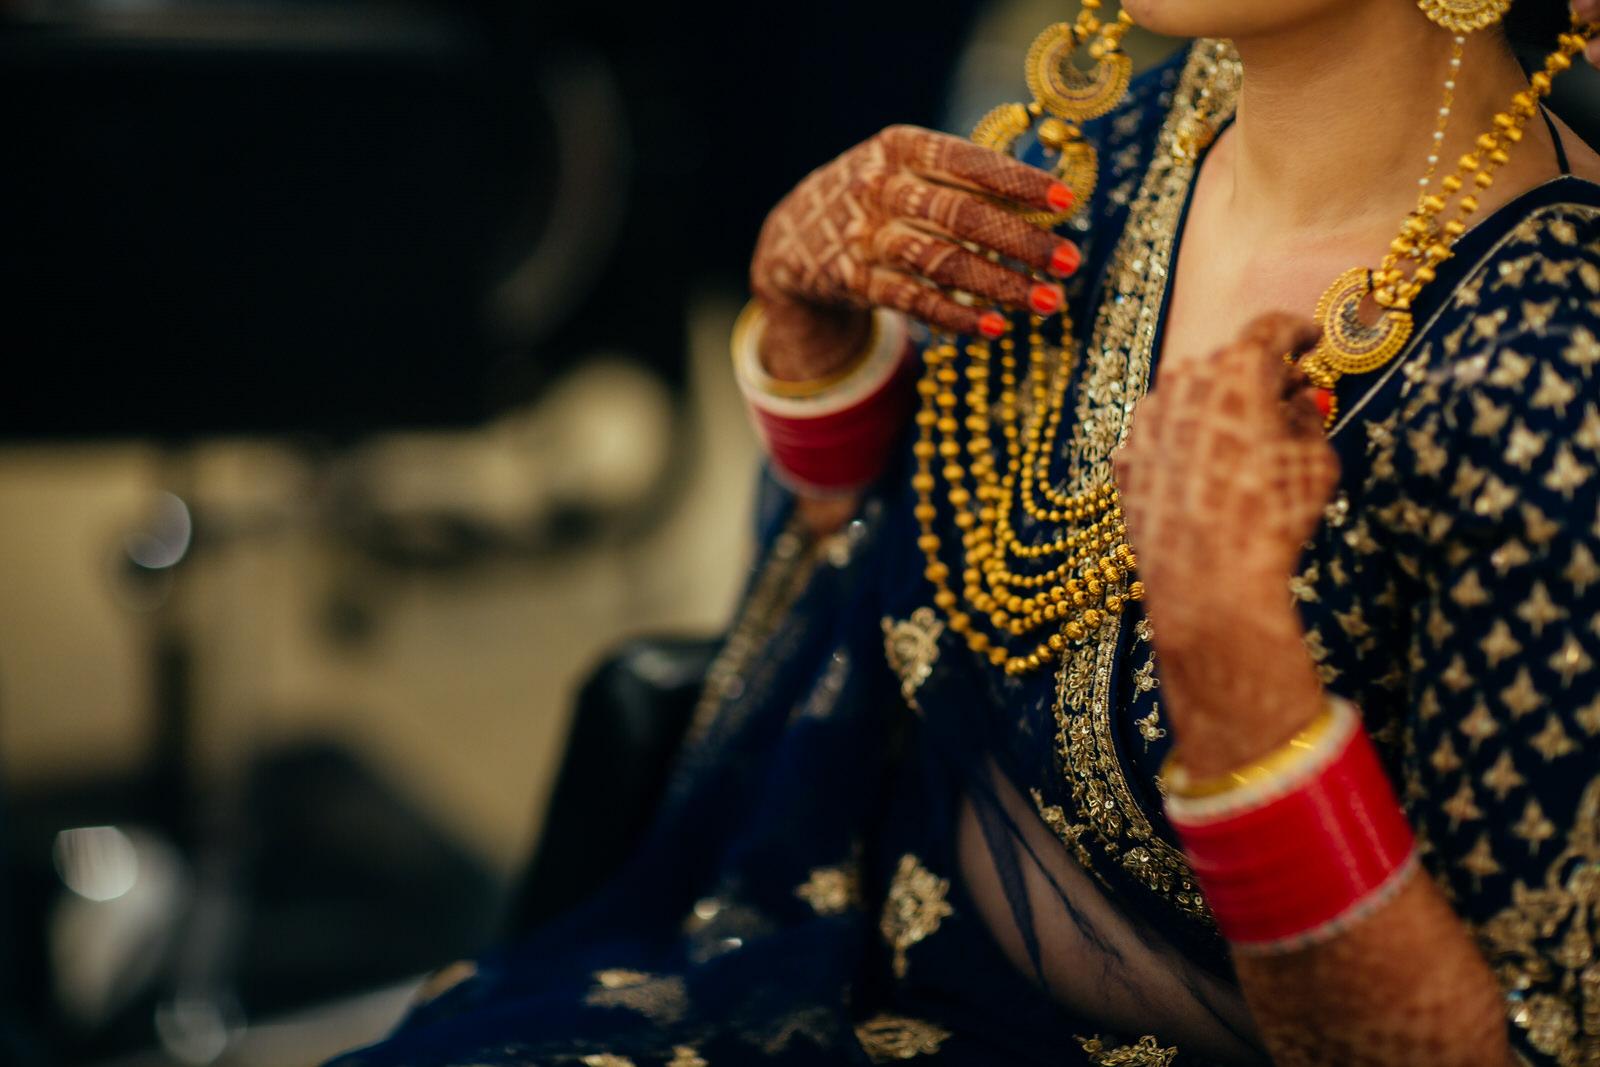 Hindu Night Wedding Day 2 - Camera 1-65.jpg